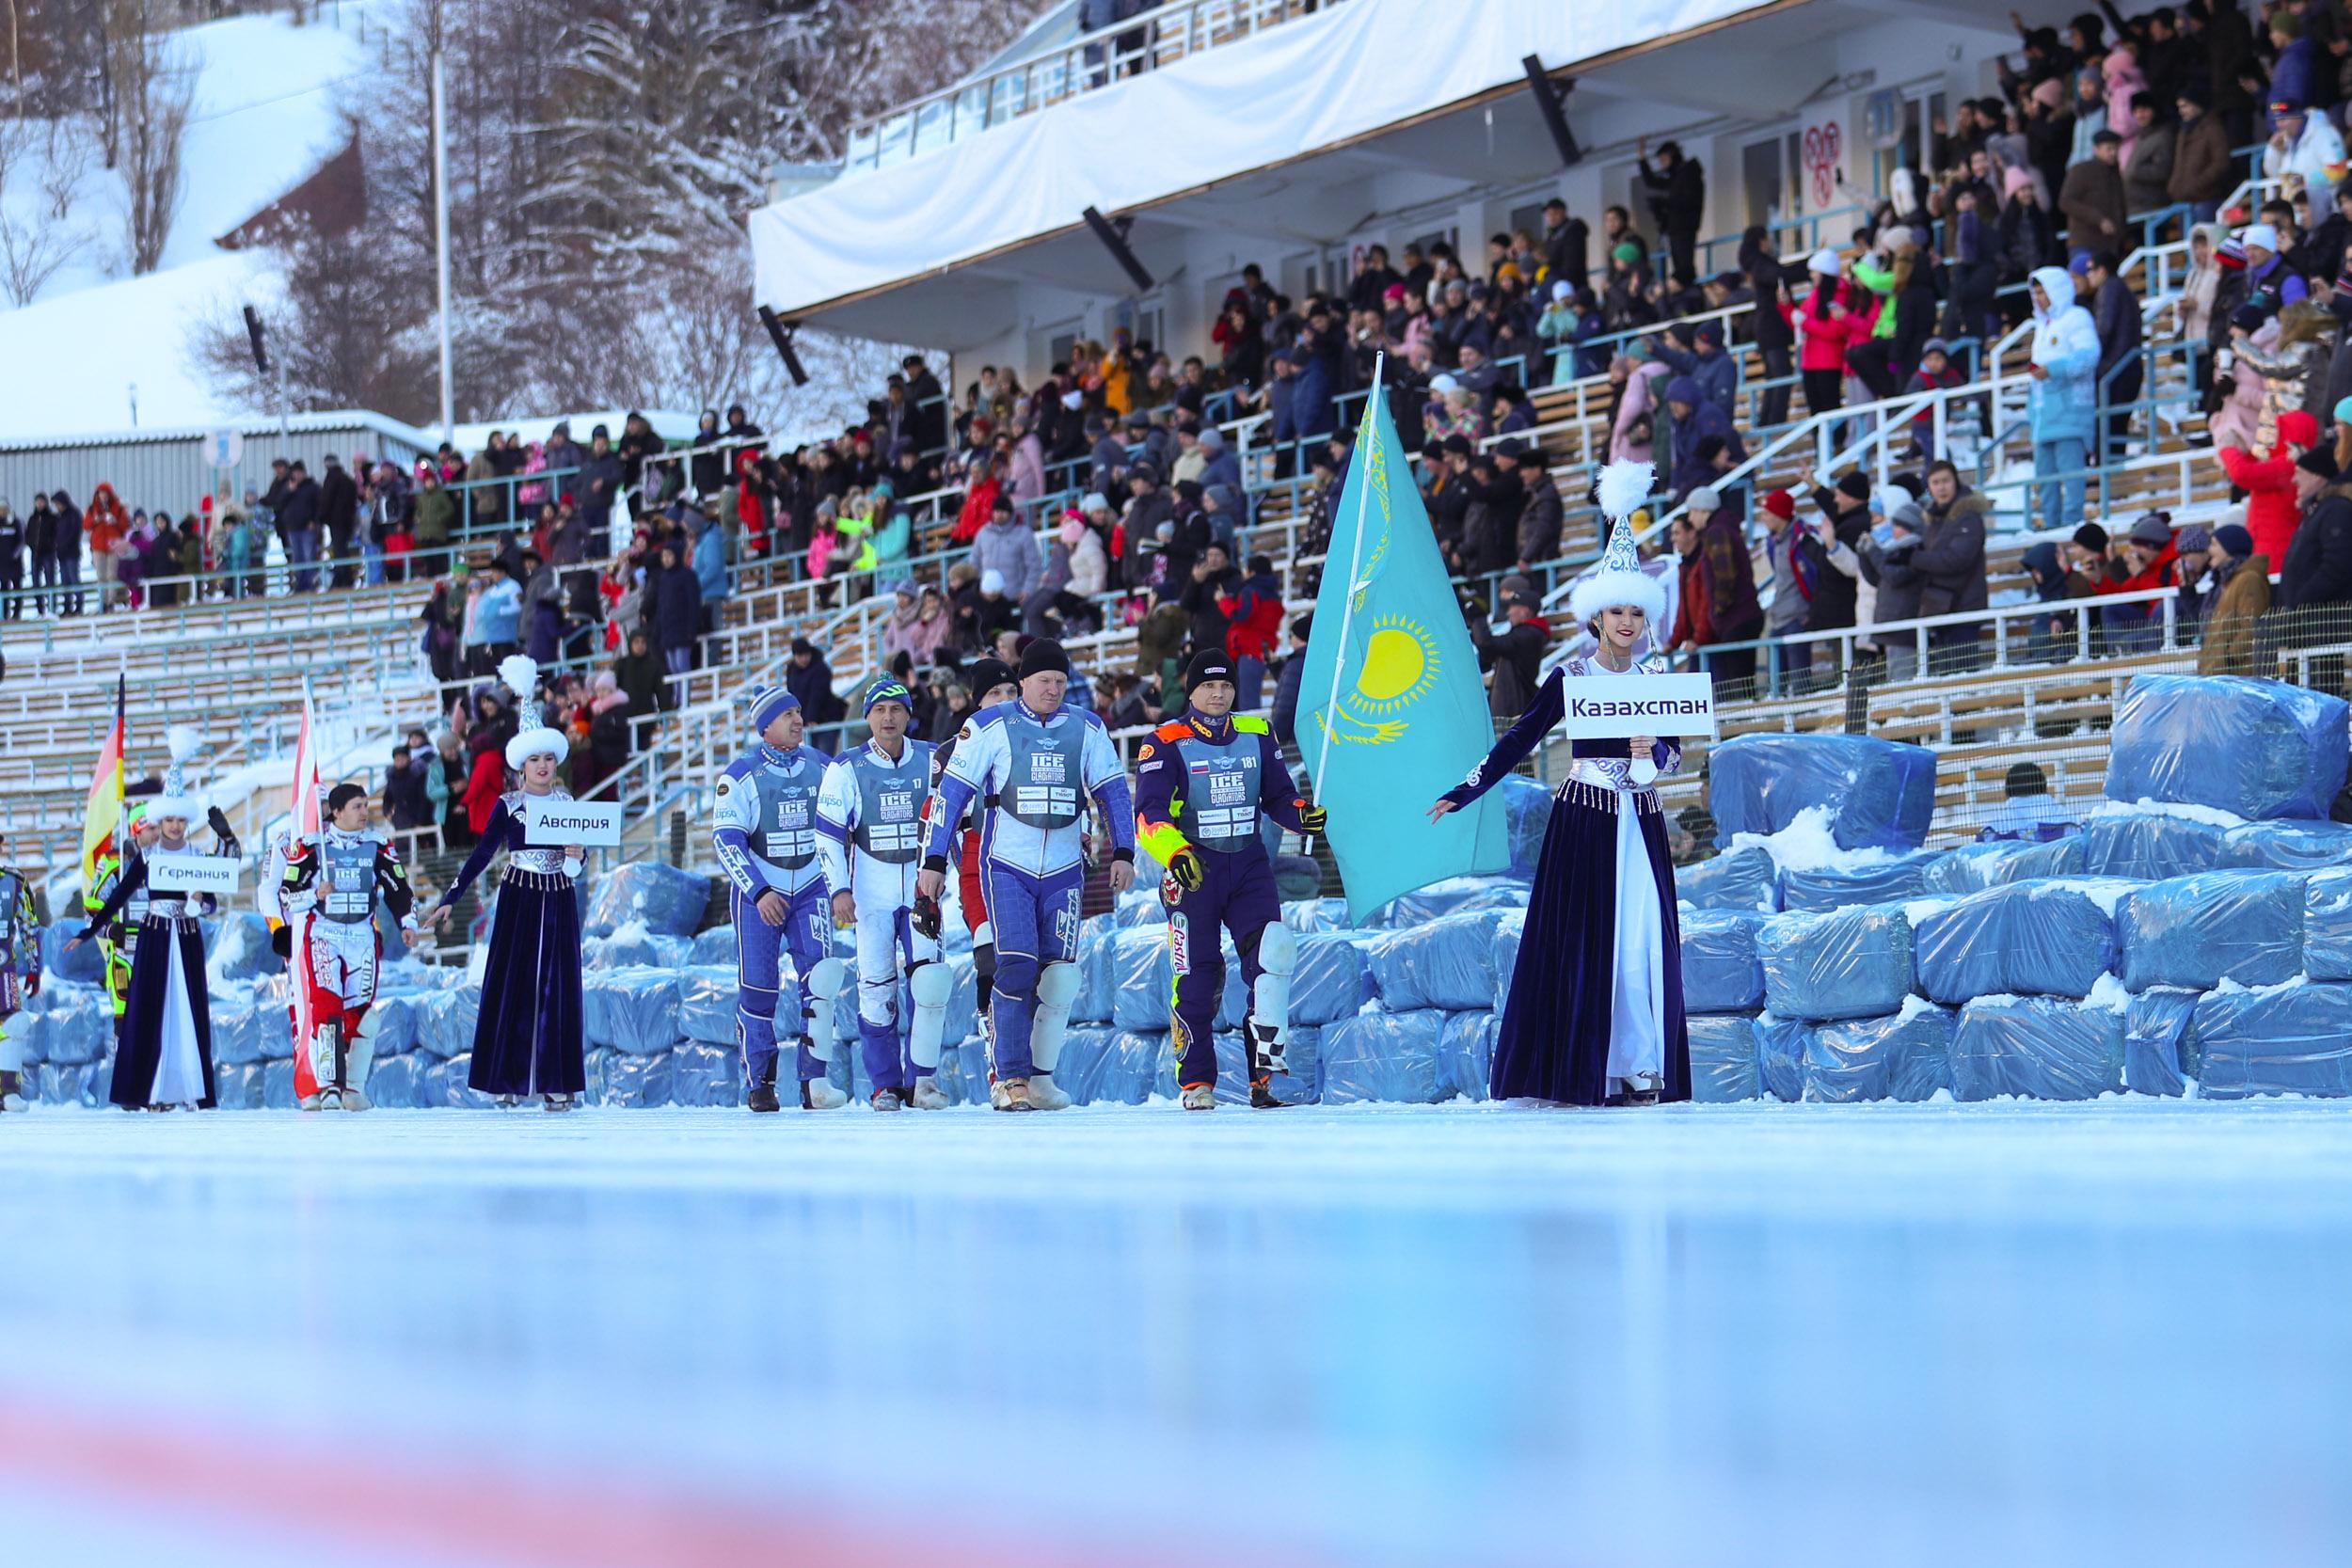 Медведев и Сагинтаев наблюдали за финалом личного Чемпионата мира по мотогонкам на льду в Алматы